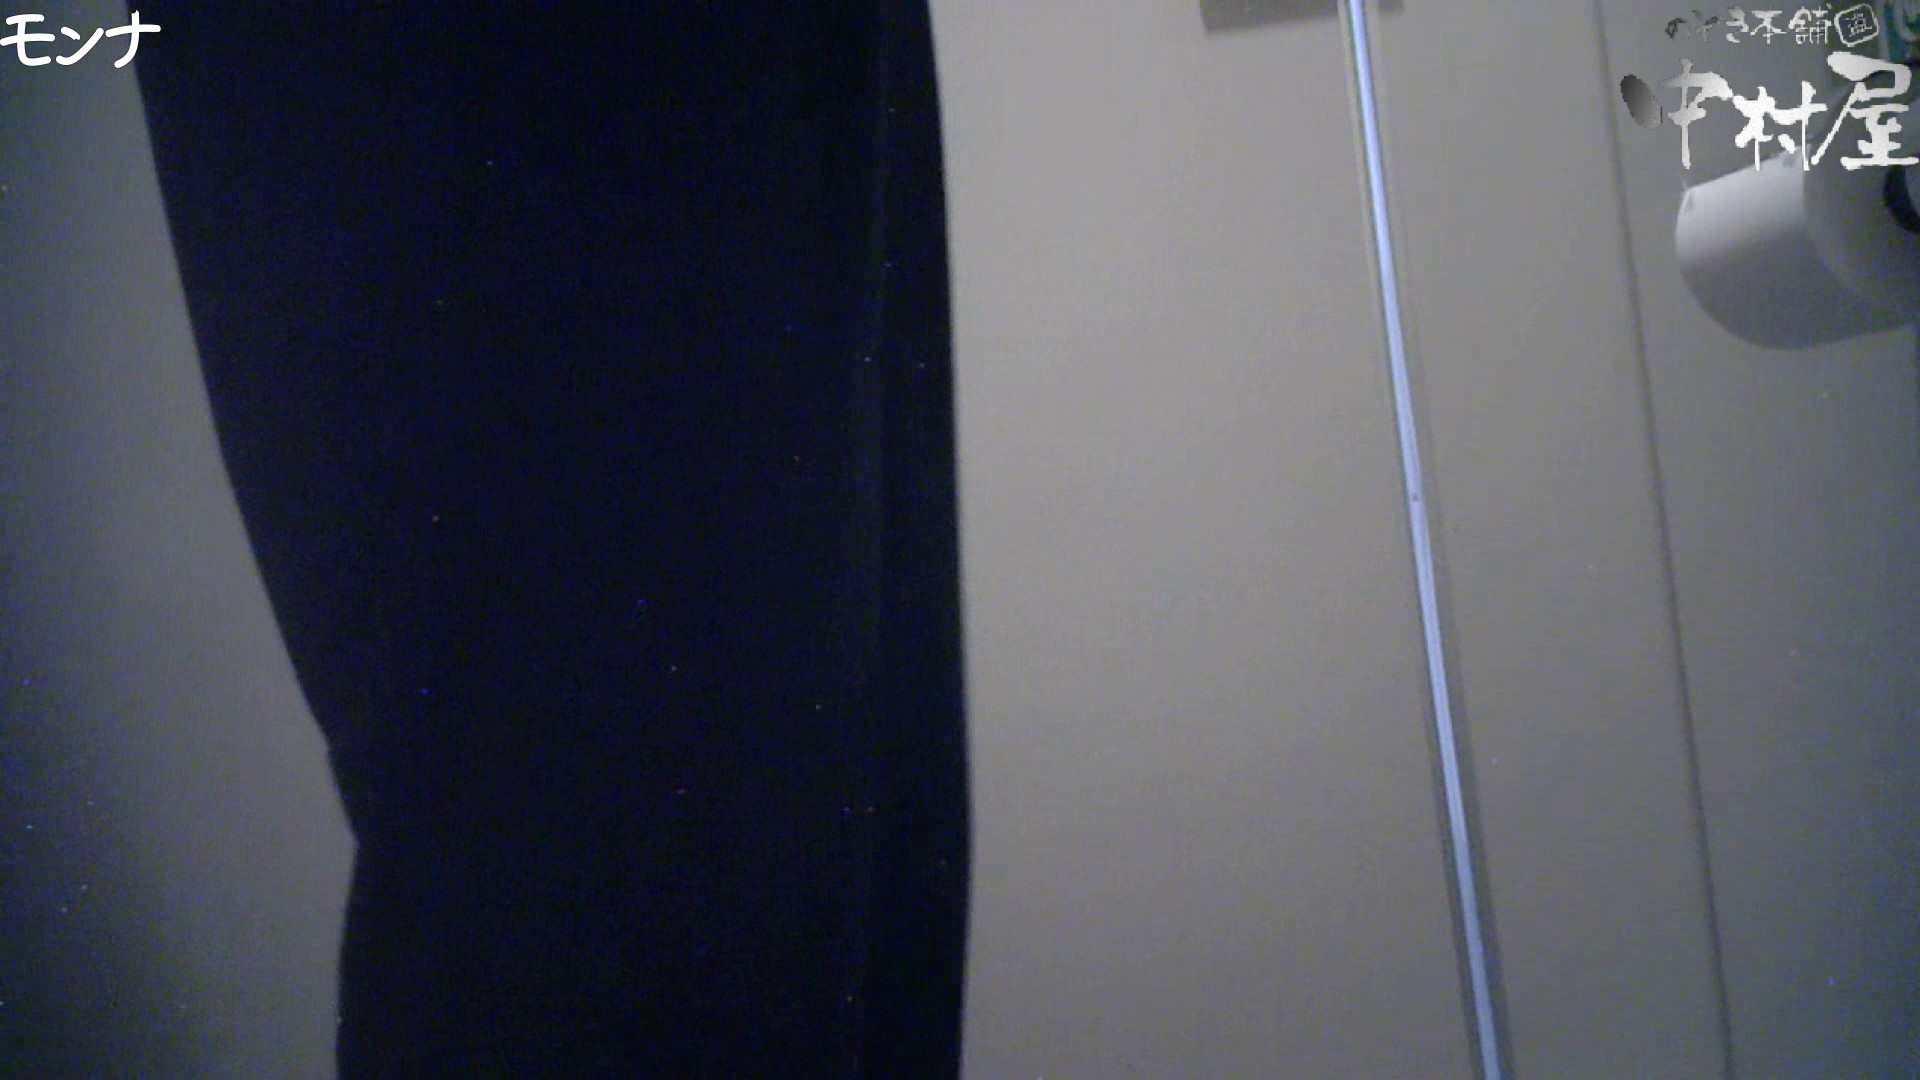 有名大学女性洗面所 vol.66 清楚系女子をがっつり!! 潜入 AV動画キャプチャ 113pic 16